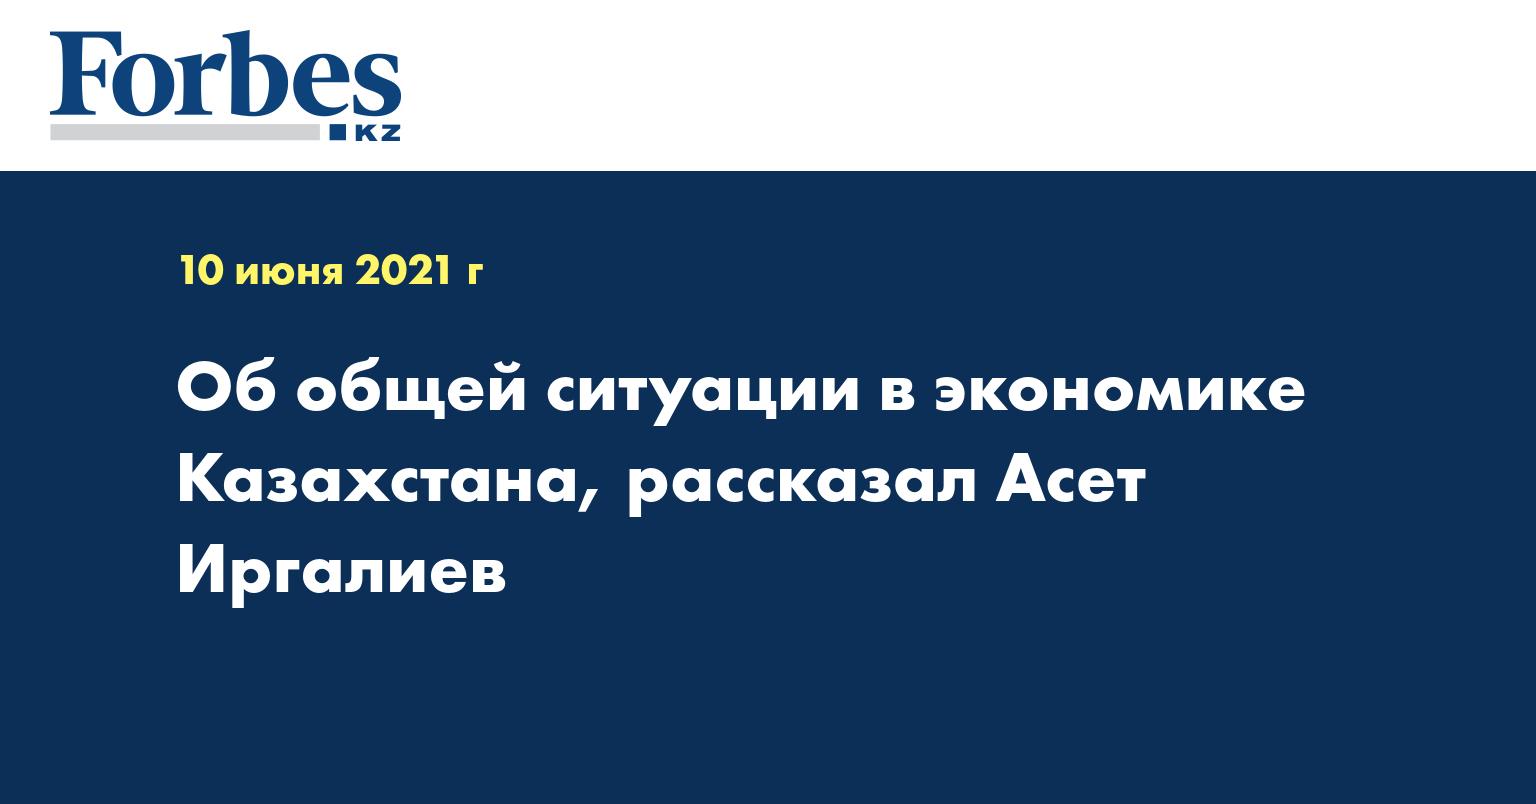 Об общей ситуации в экономике Казахстана, рассказал Асет Иргалиев